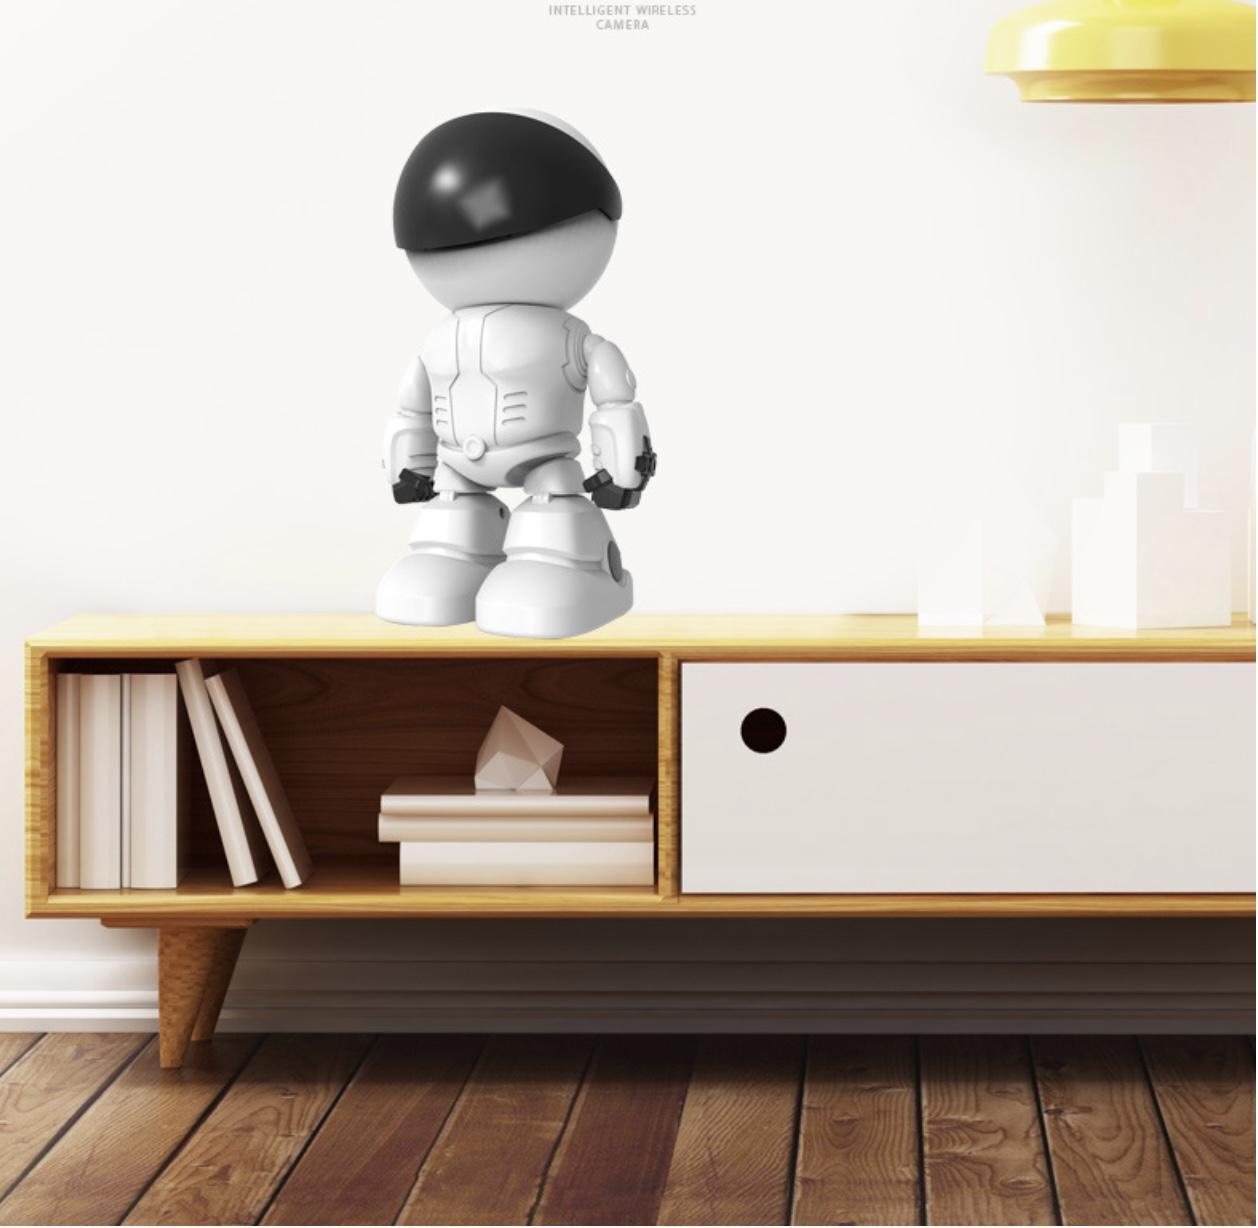 Camera đàm thoại 2 chiều mô hình Người Máy wifi Smartphone 1080p